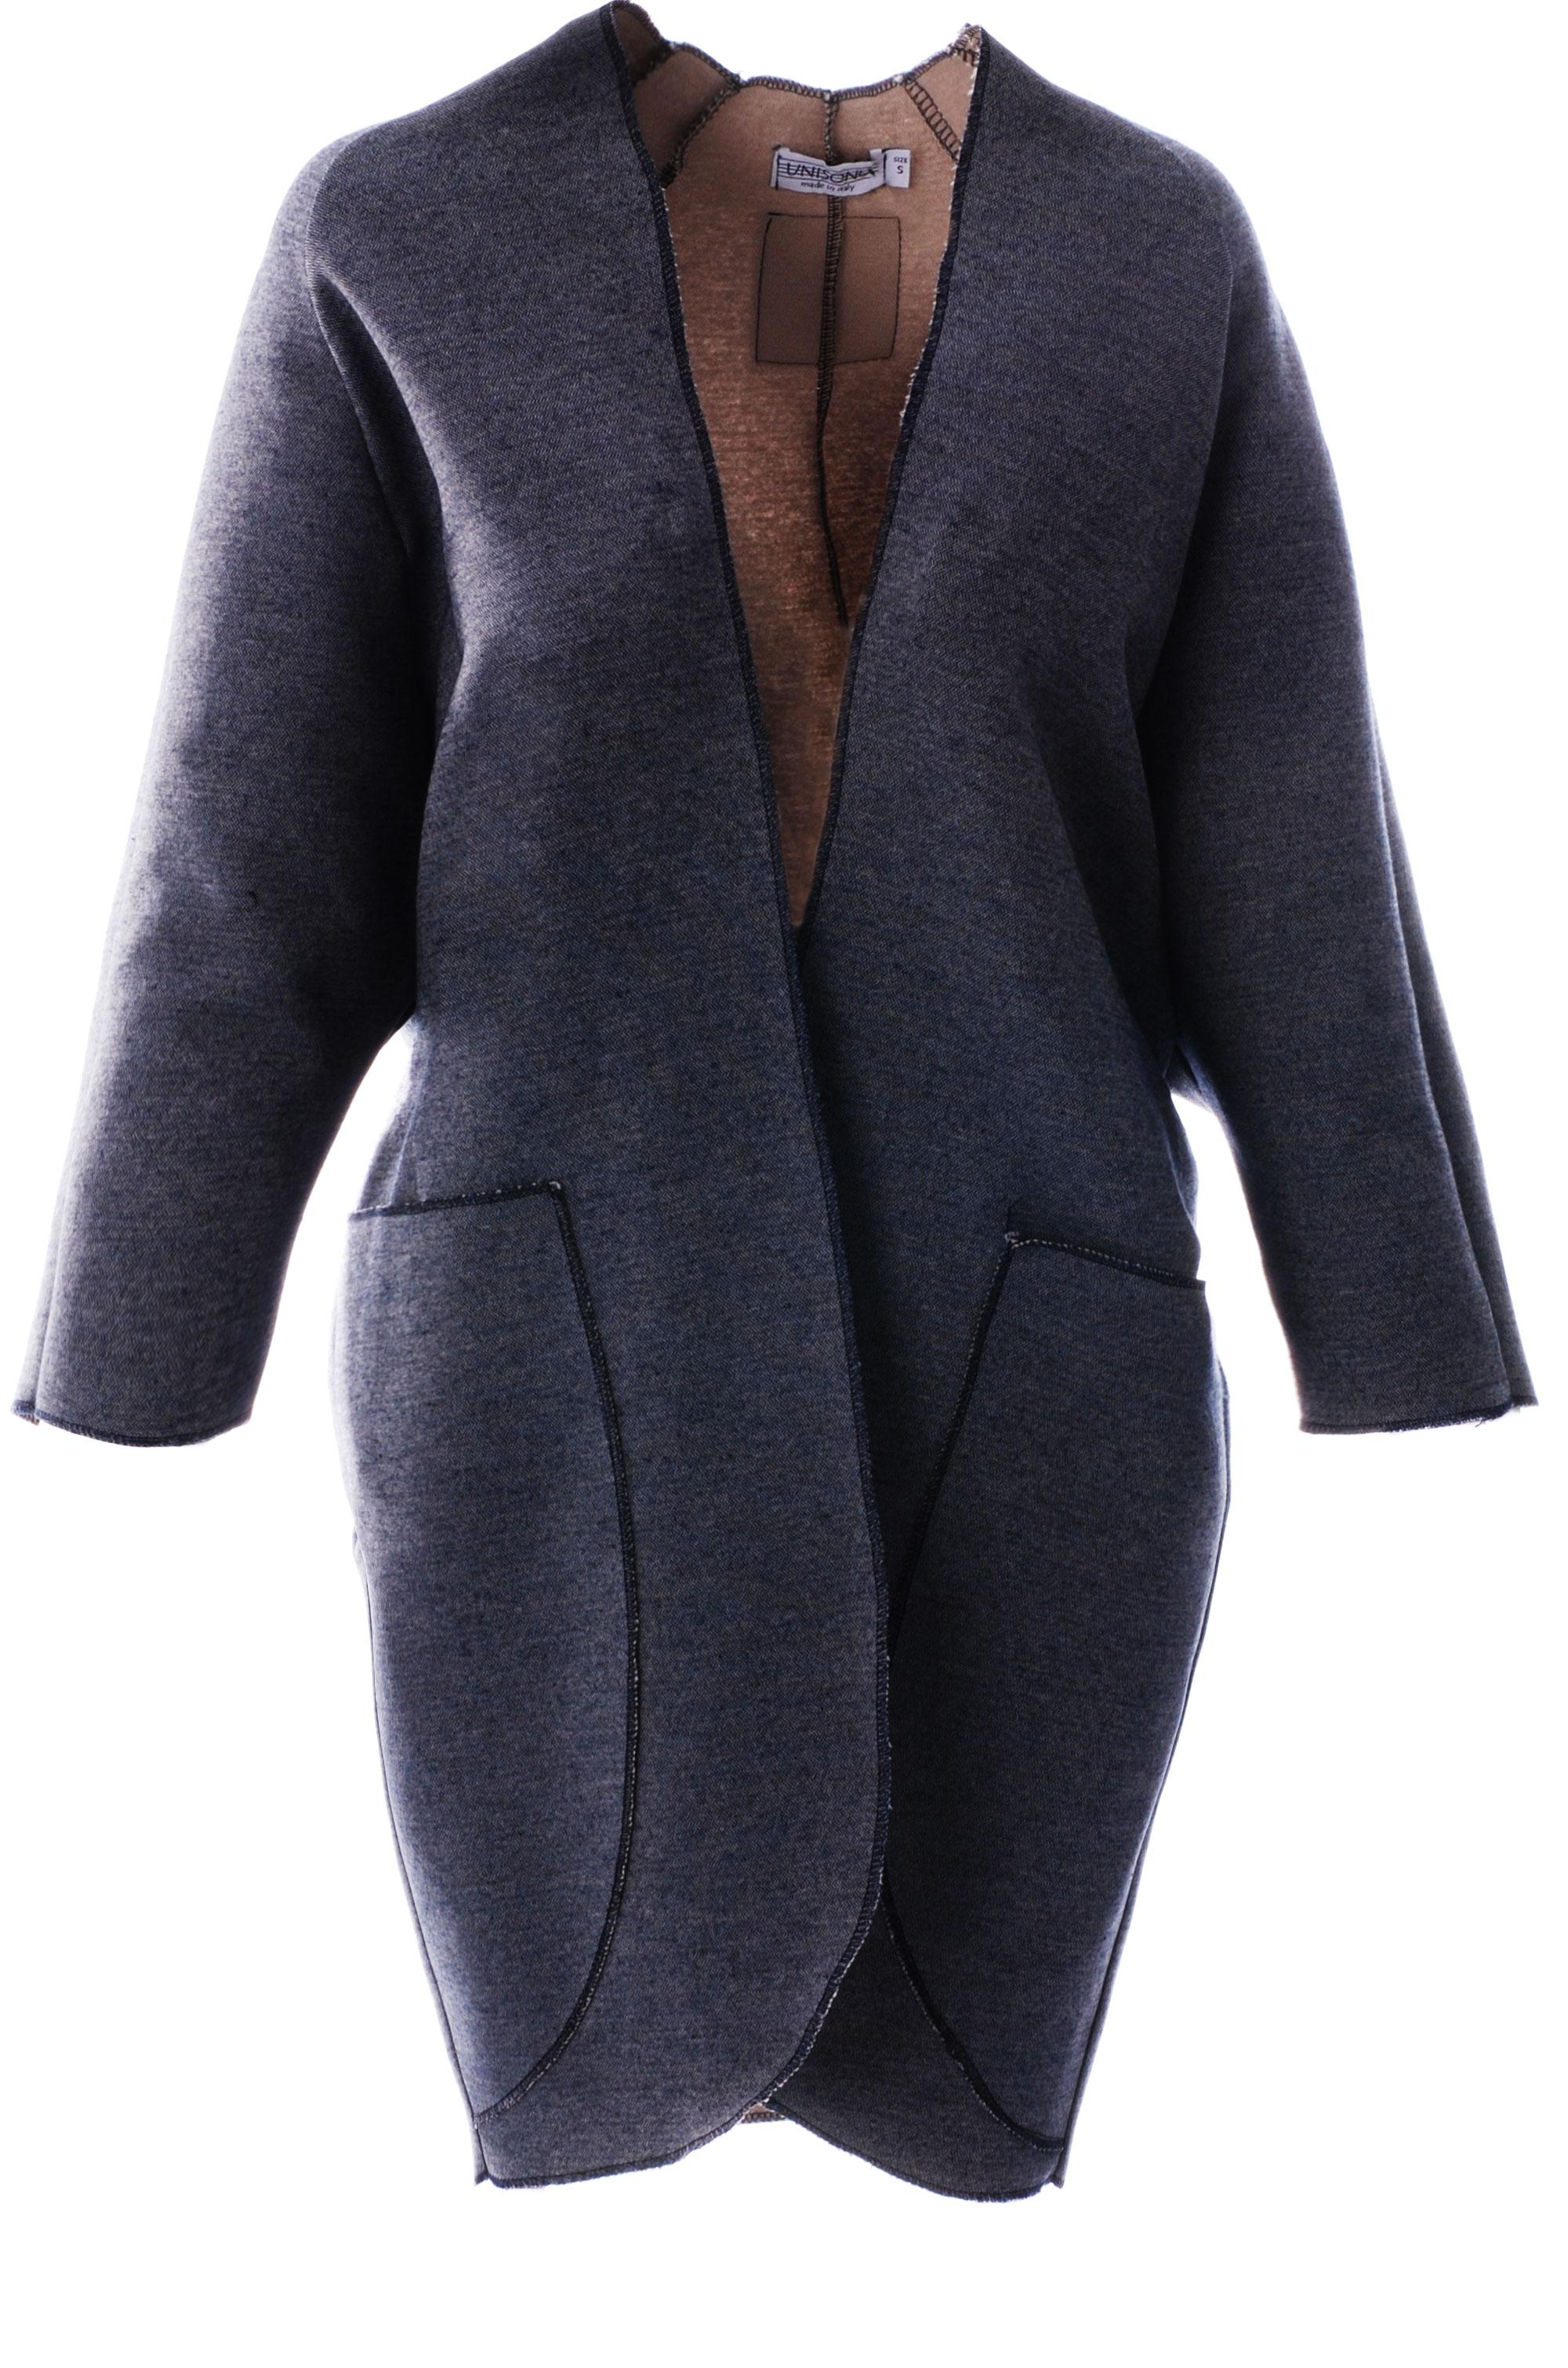 Płaszcz materiałowy - 34-3808 BL-BE - Unisono